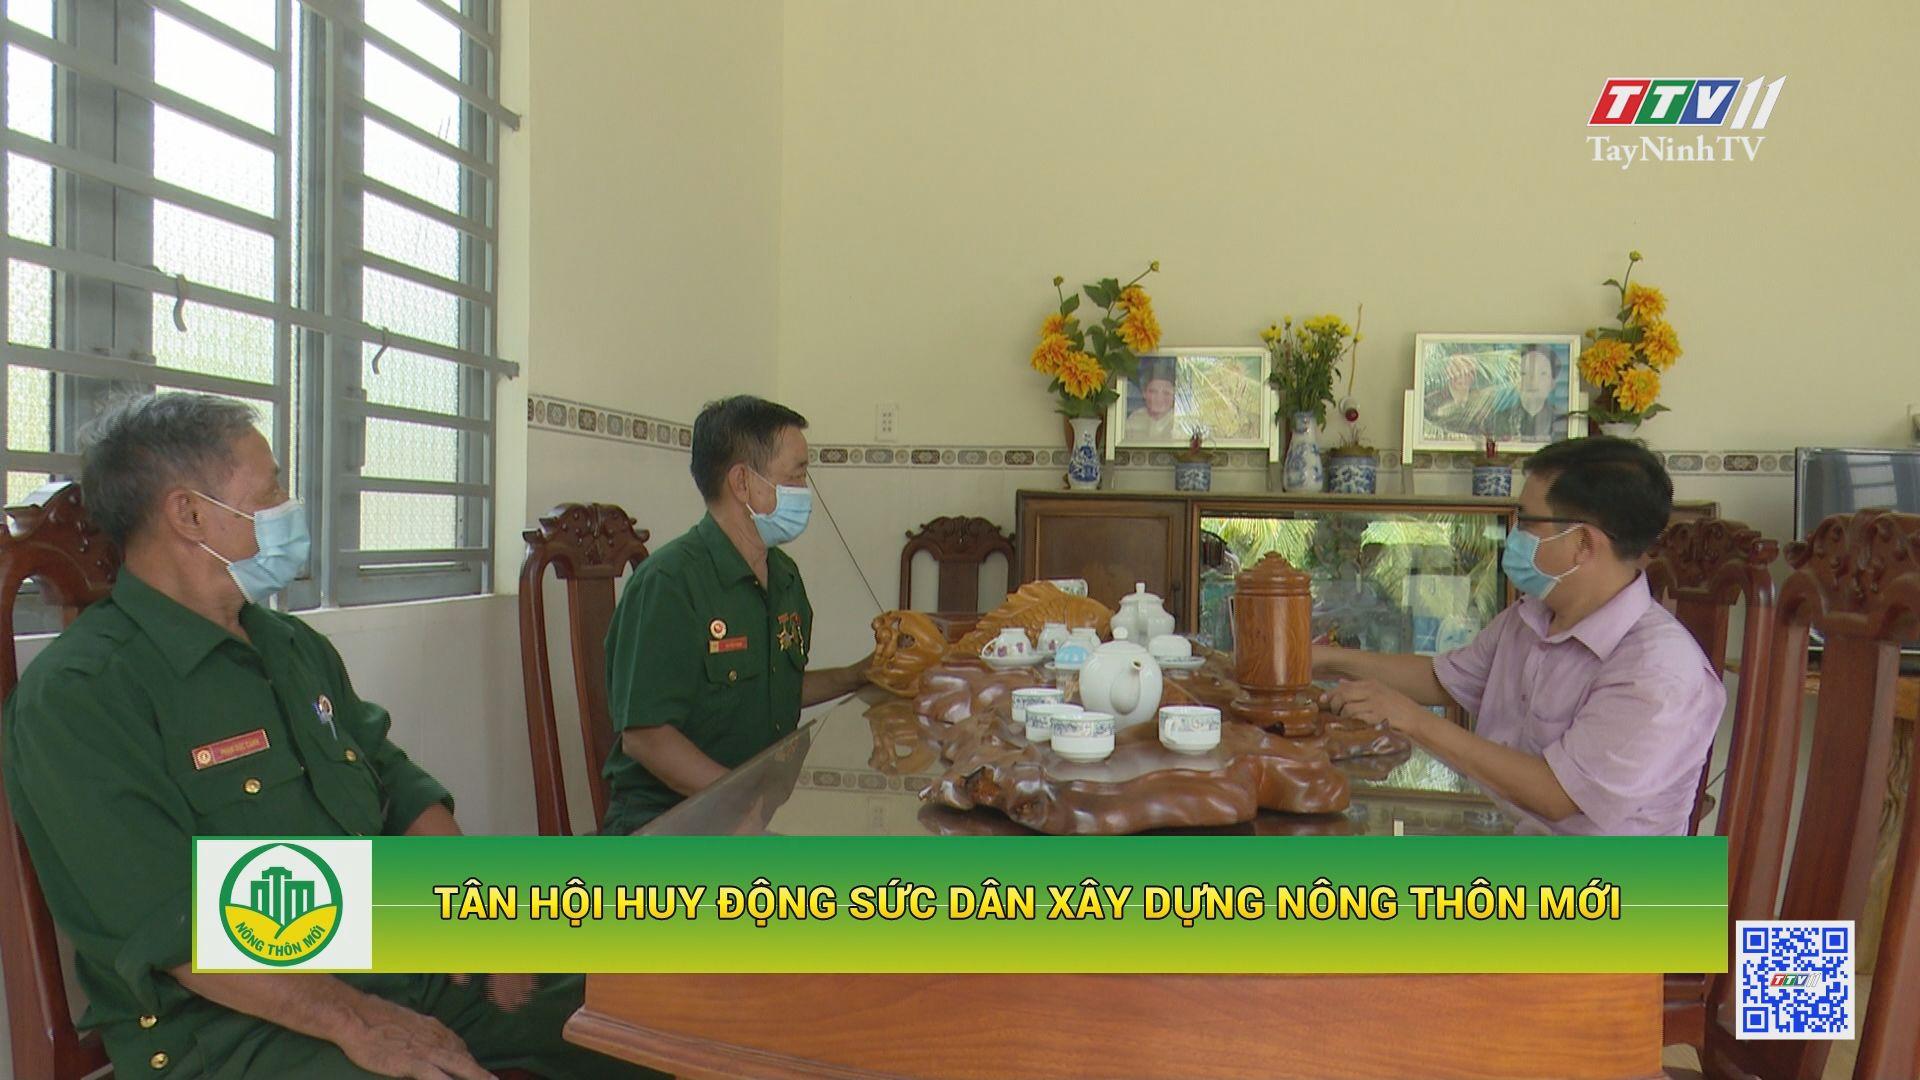 Tân Hội huy động sức dân xây dựng nông thôn mới | TÂY NINH XÂY DỰNG NÔNG THÔN MỚI | TayNinhTV